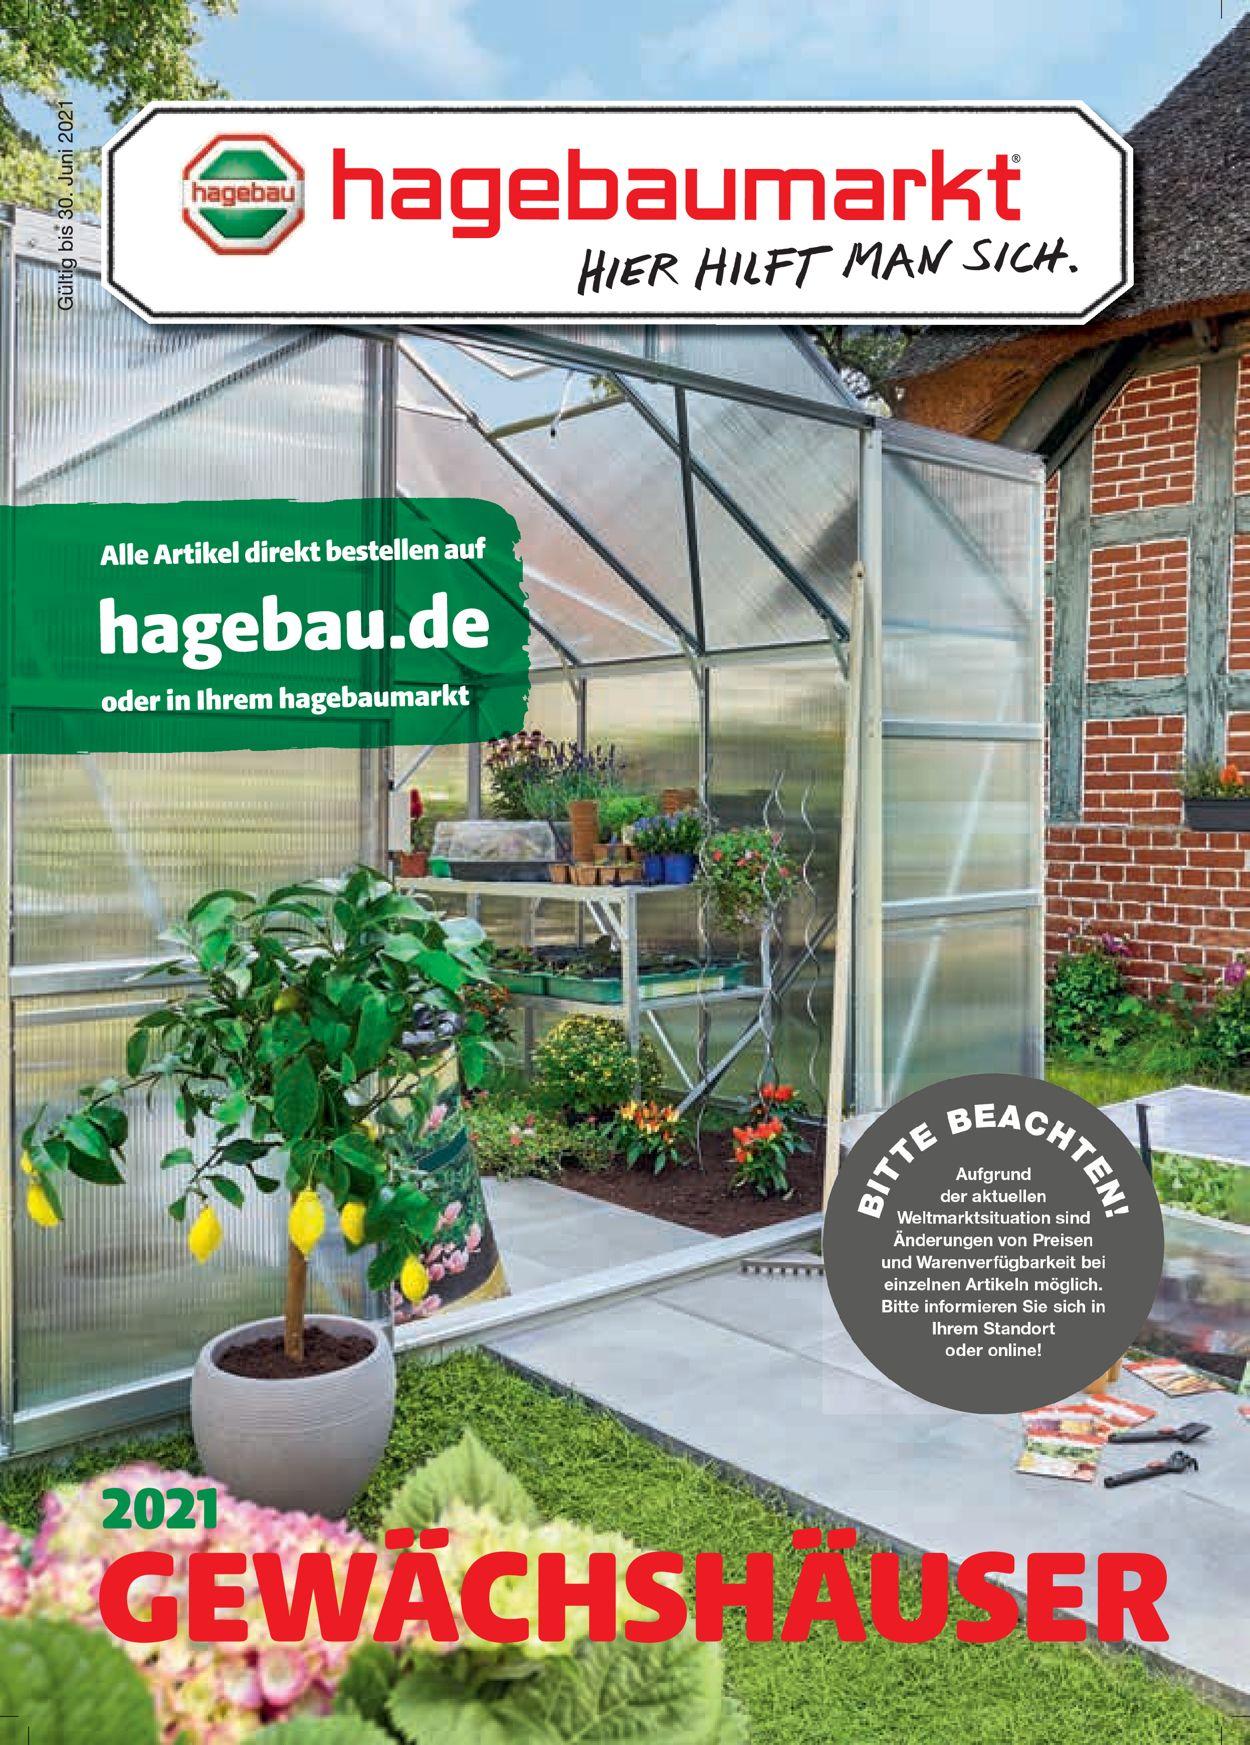 hagebaumarkt Gewächshaus Prospekt - Aktuell vom 12.04-30.06.2021